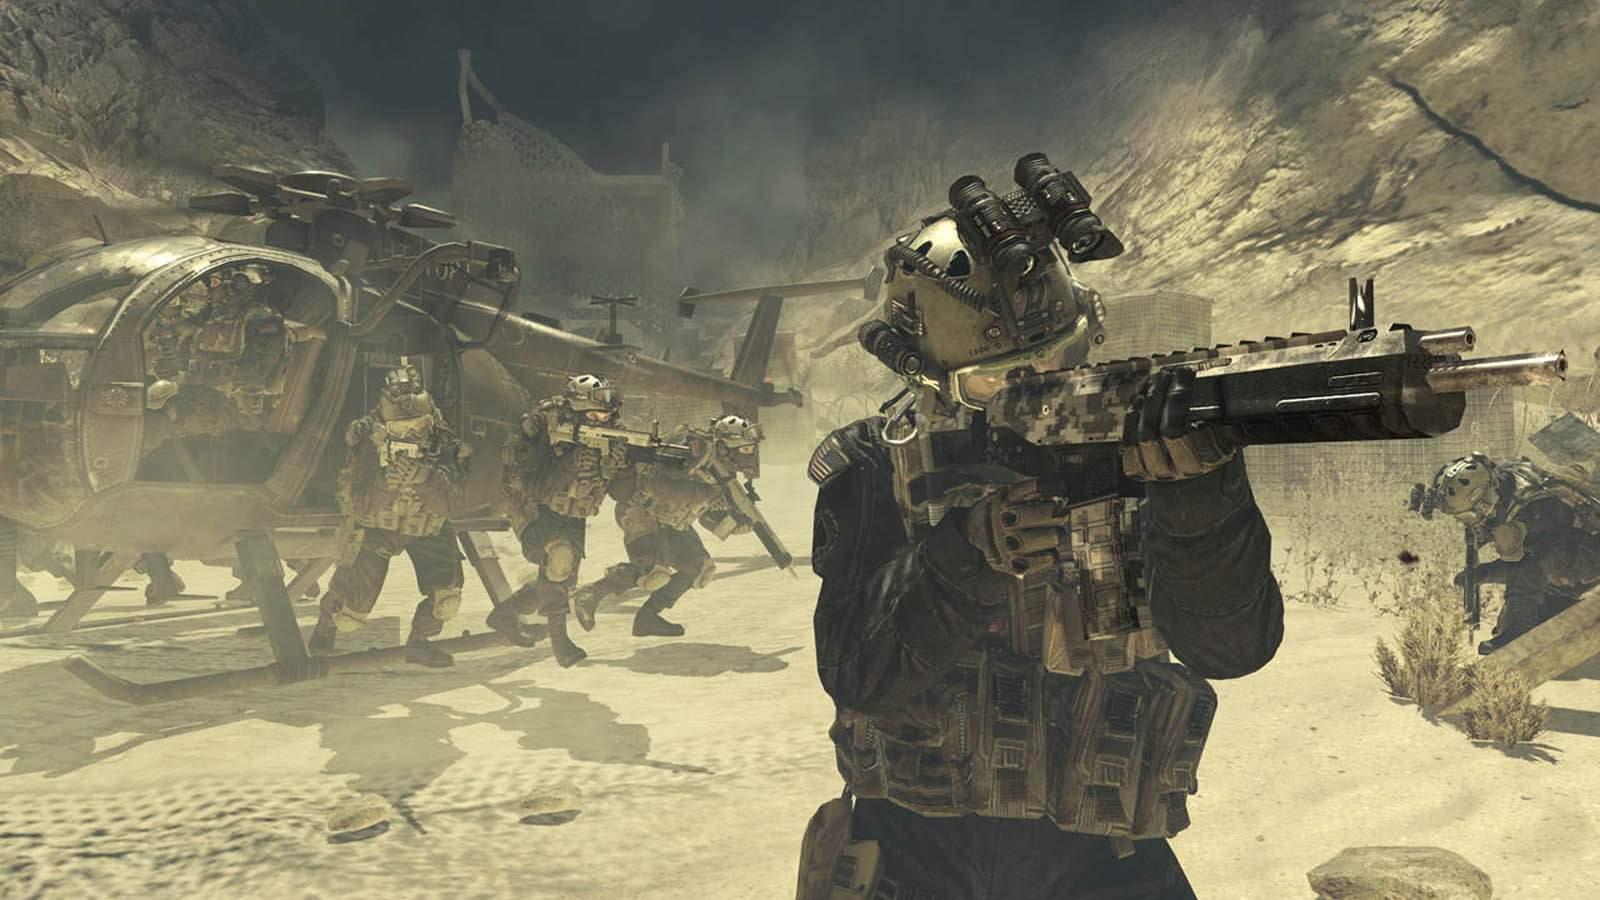 تحميل لعبة Call Of Duty 4 Modern Warfare 2 مضغوطة برابط واحد مباشر + تورنت كاملة مجانا